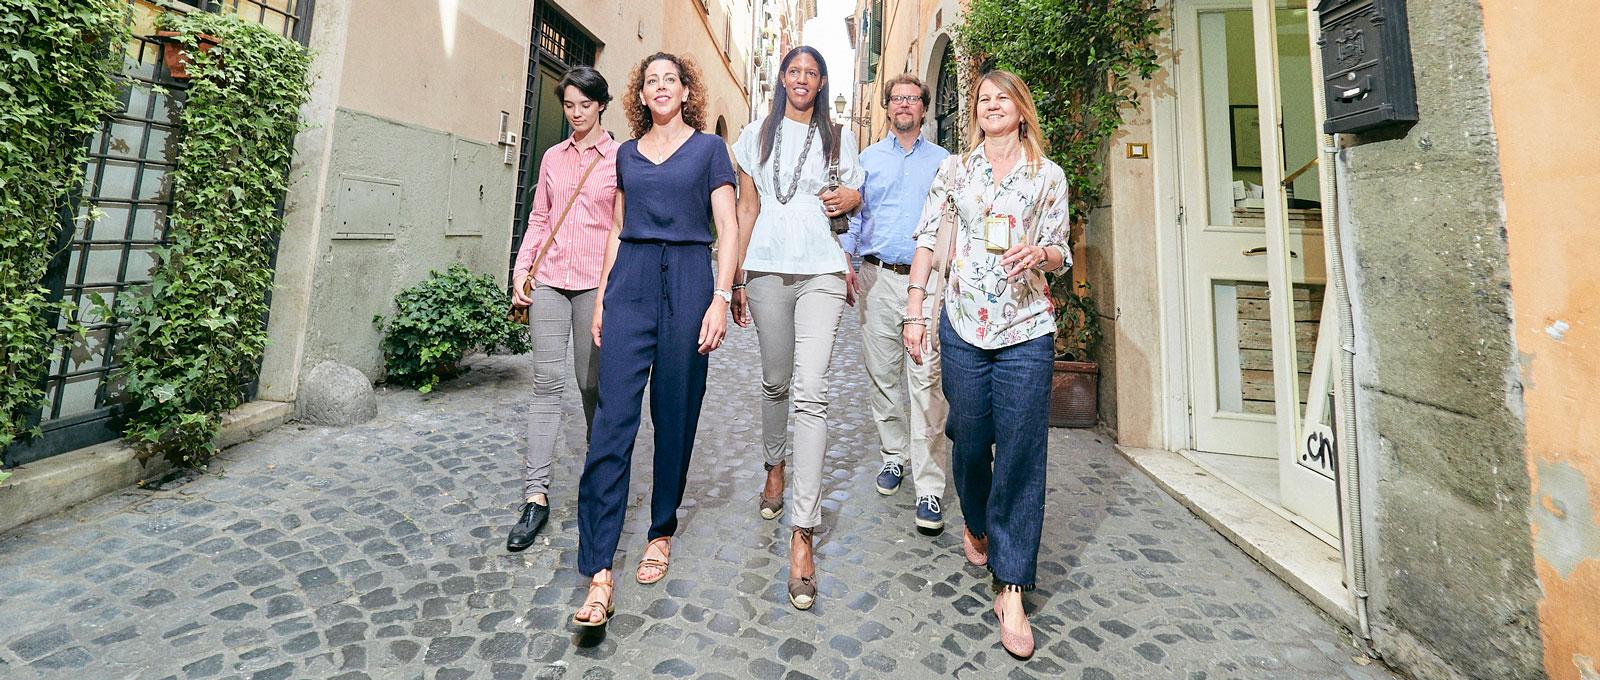 Four friends walking  down a narrow cobblestone street in an old village